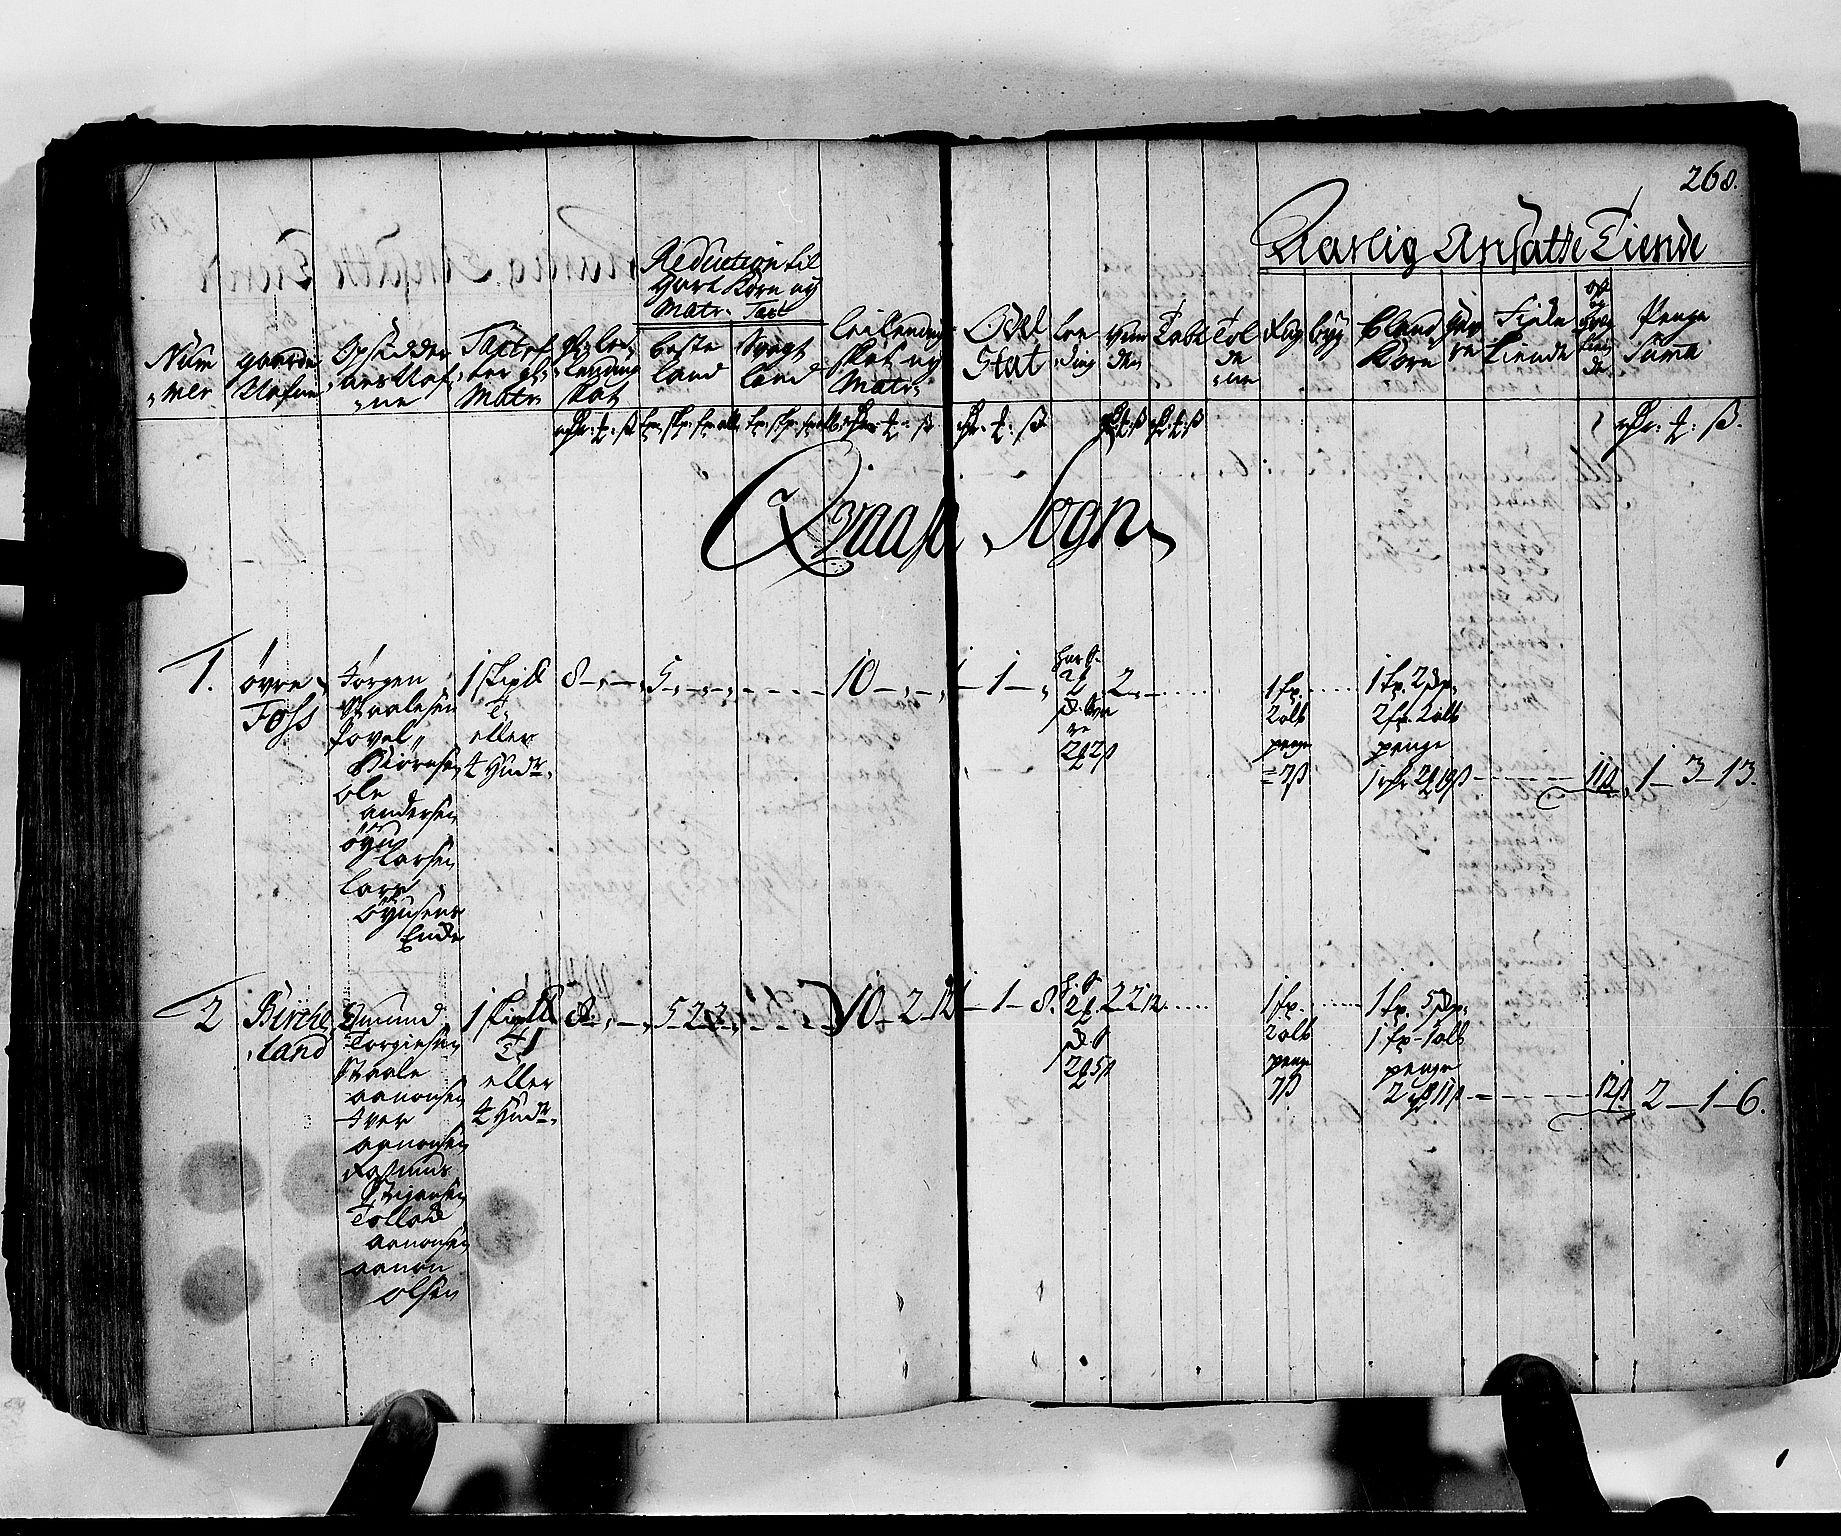 RA, Rentekammeret inntil 1814, Realistisk ordnet avdeling, N/Nb/Nbf/L0130: Lista matrikkelprotokoll, 1723, s. 267b-268a